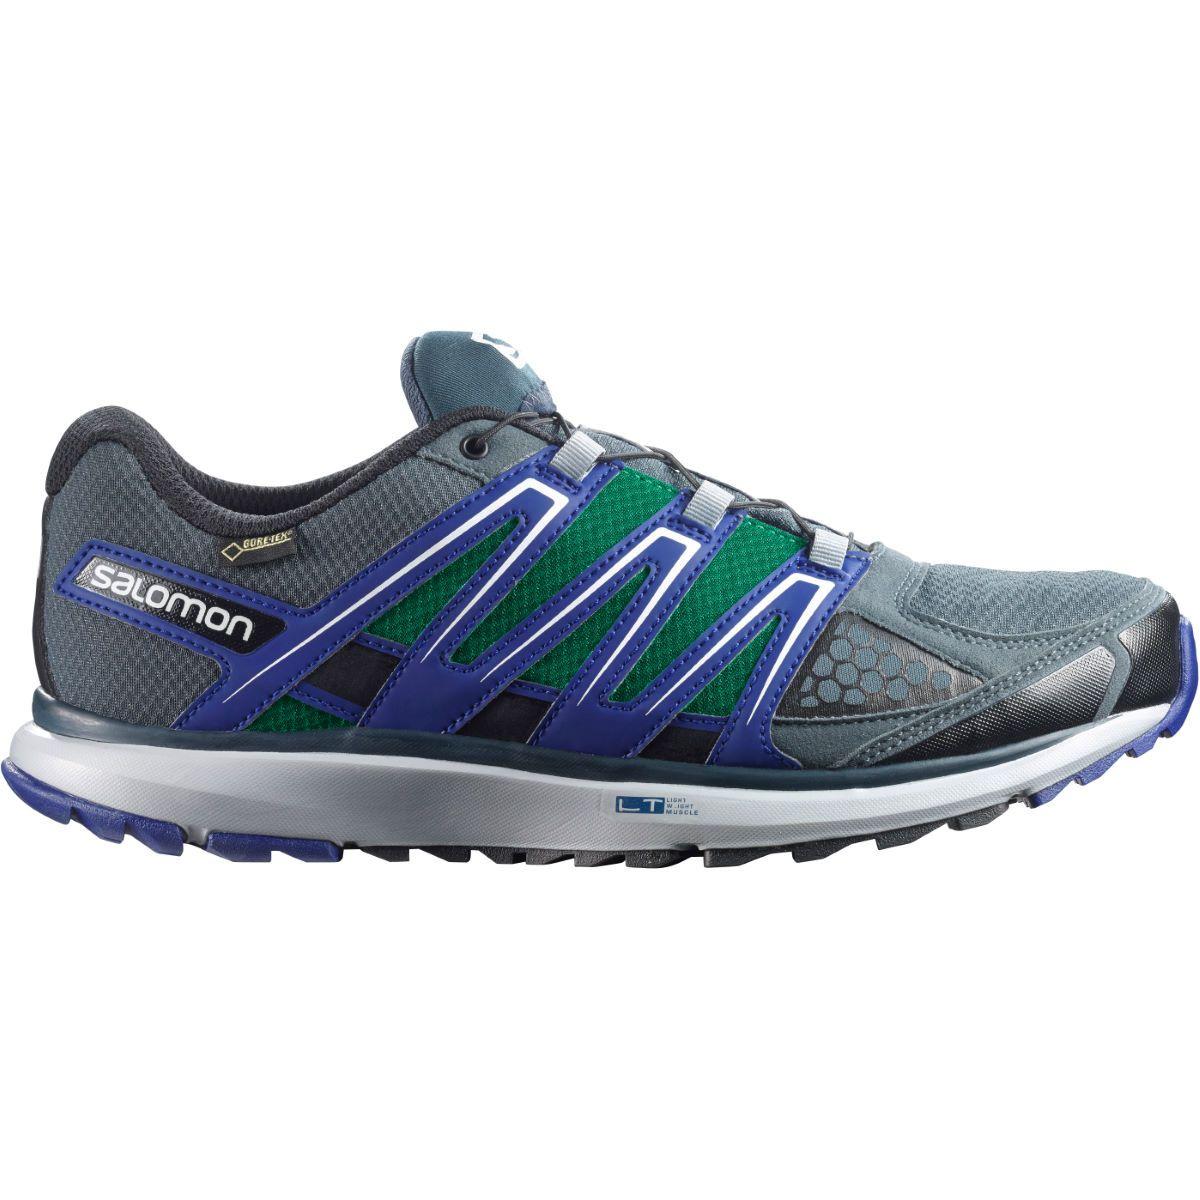 Salomon X Scream GTX Shoes (AW15) Cushion Running Shoes